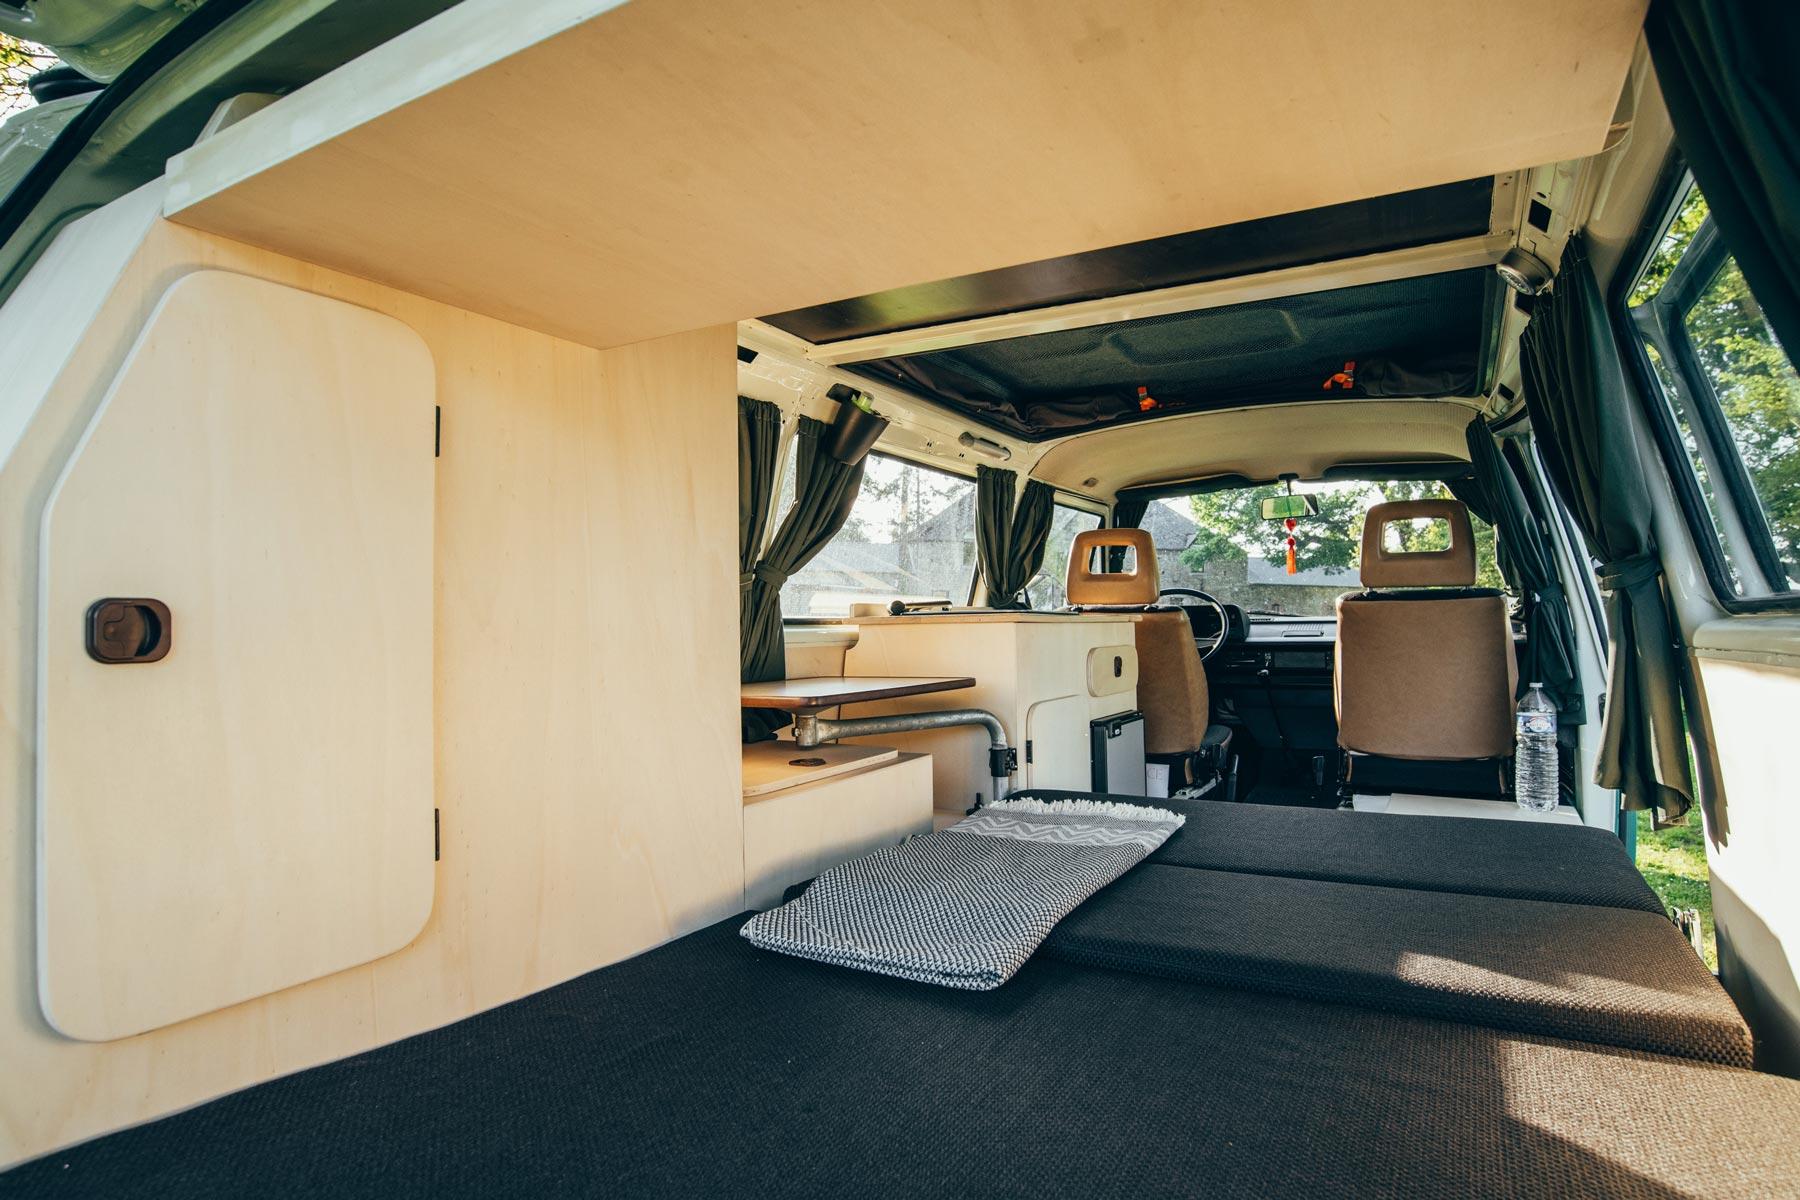 Aménagement intérieur combi T3 volkswagen en bois